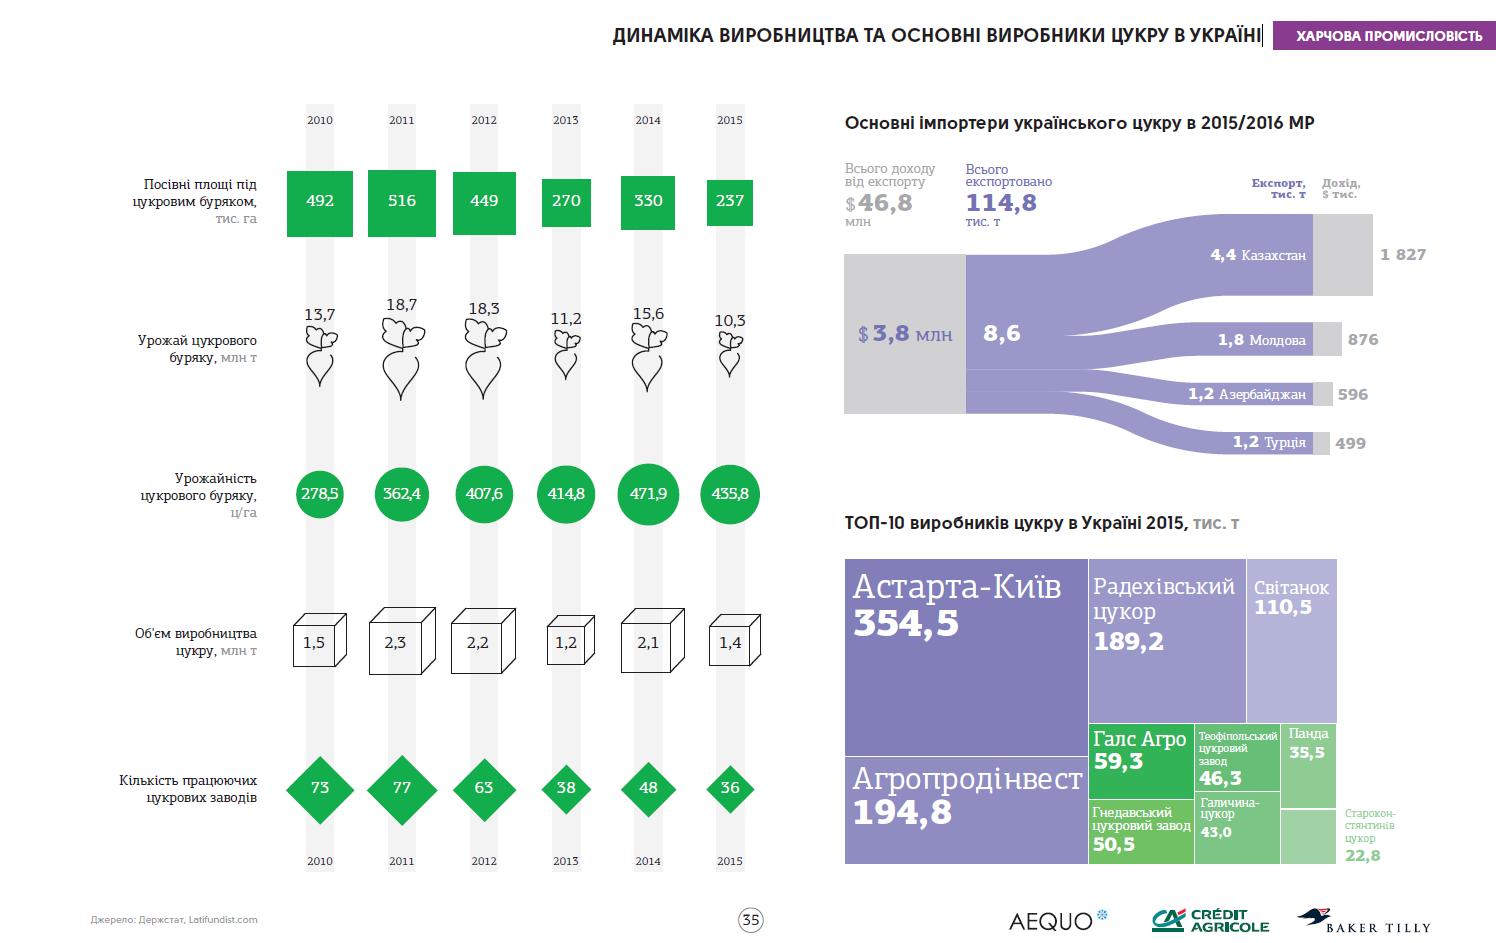 Динамика производства сахара в Украине (кликнуть для увеличения)